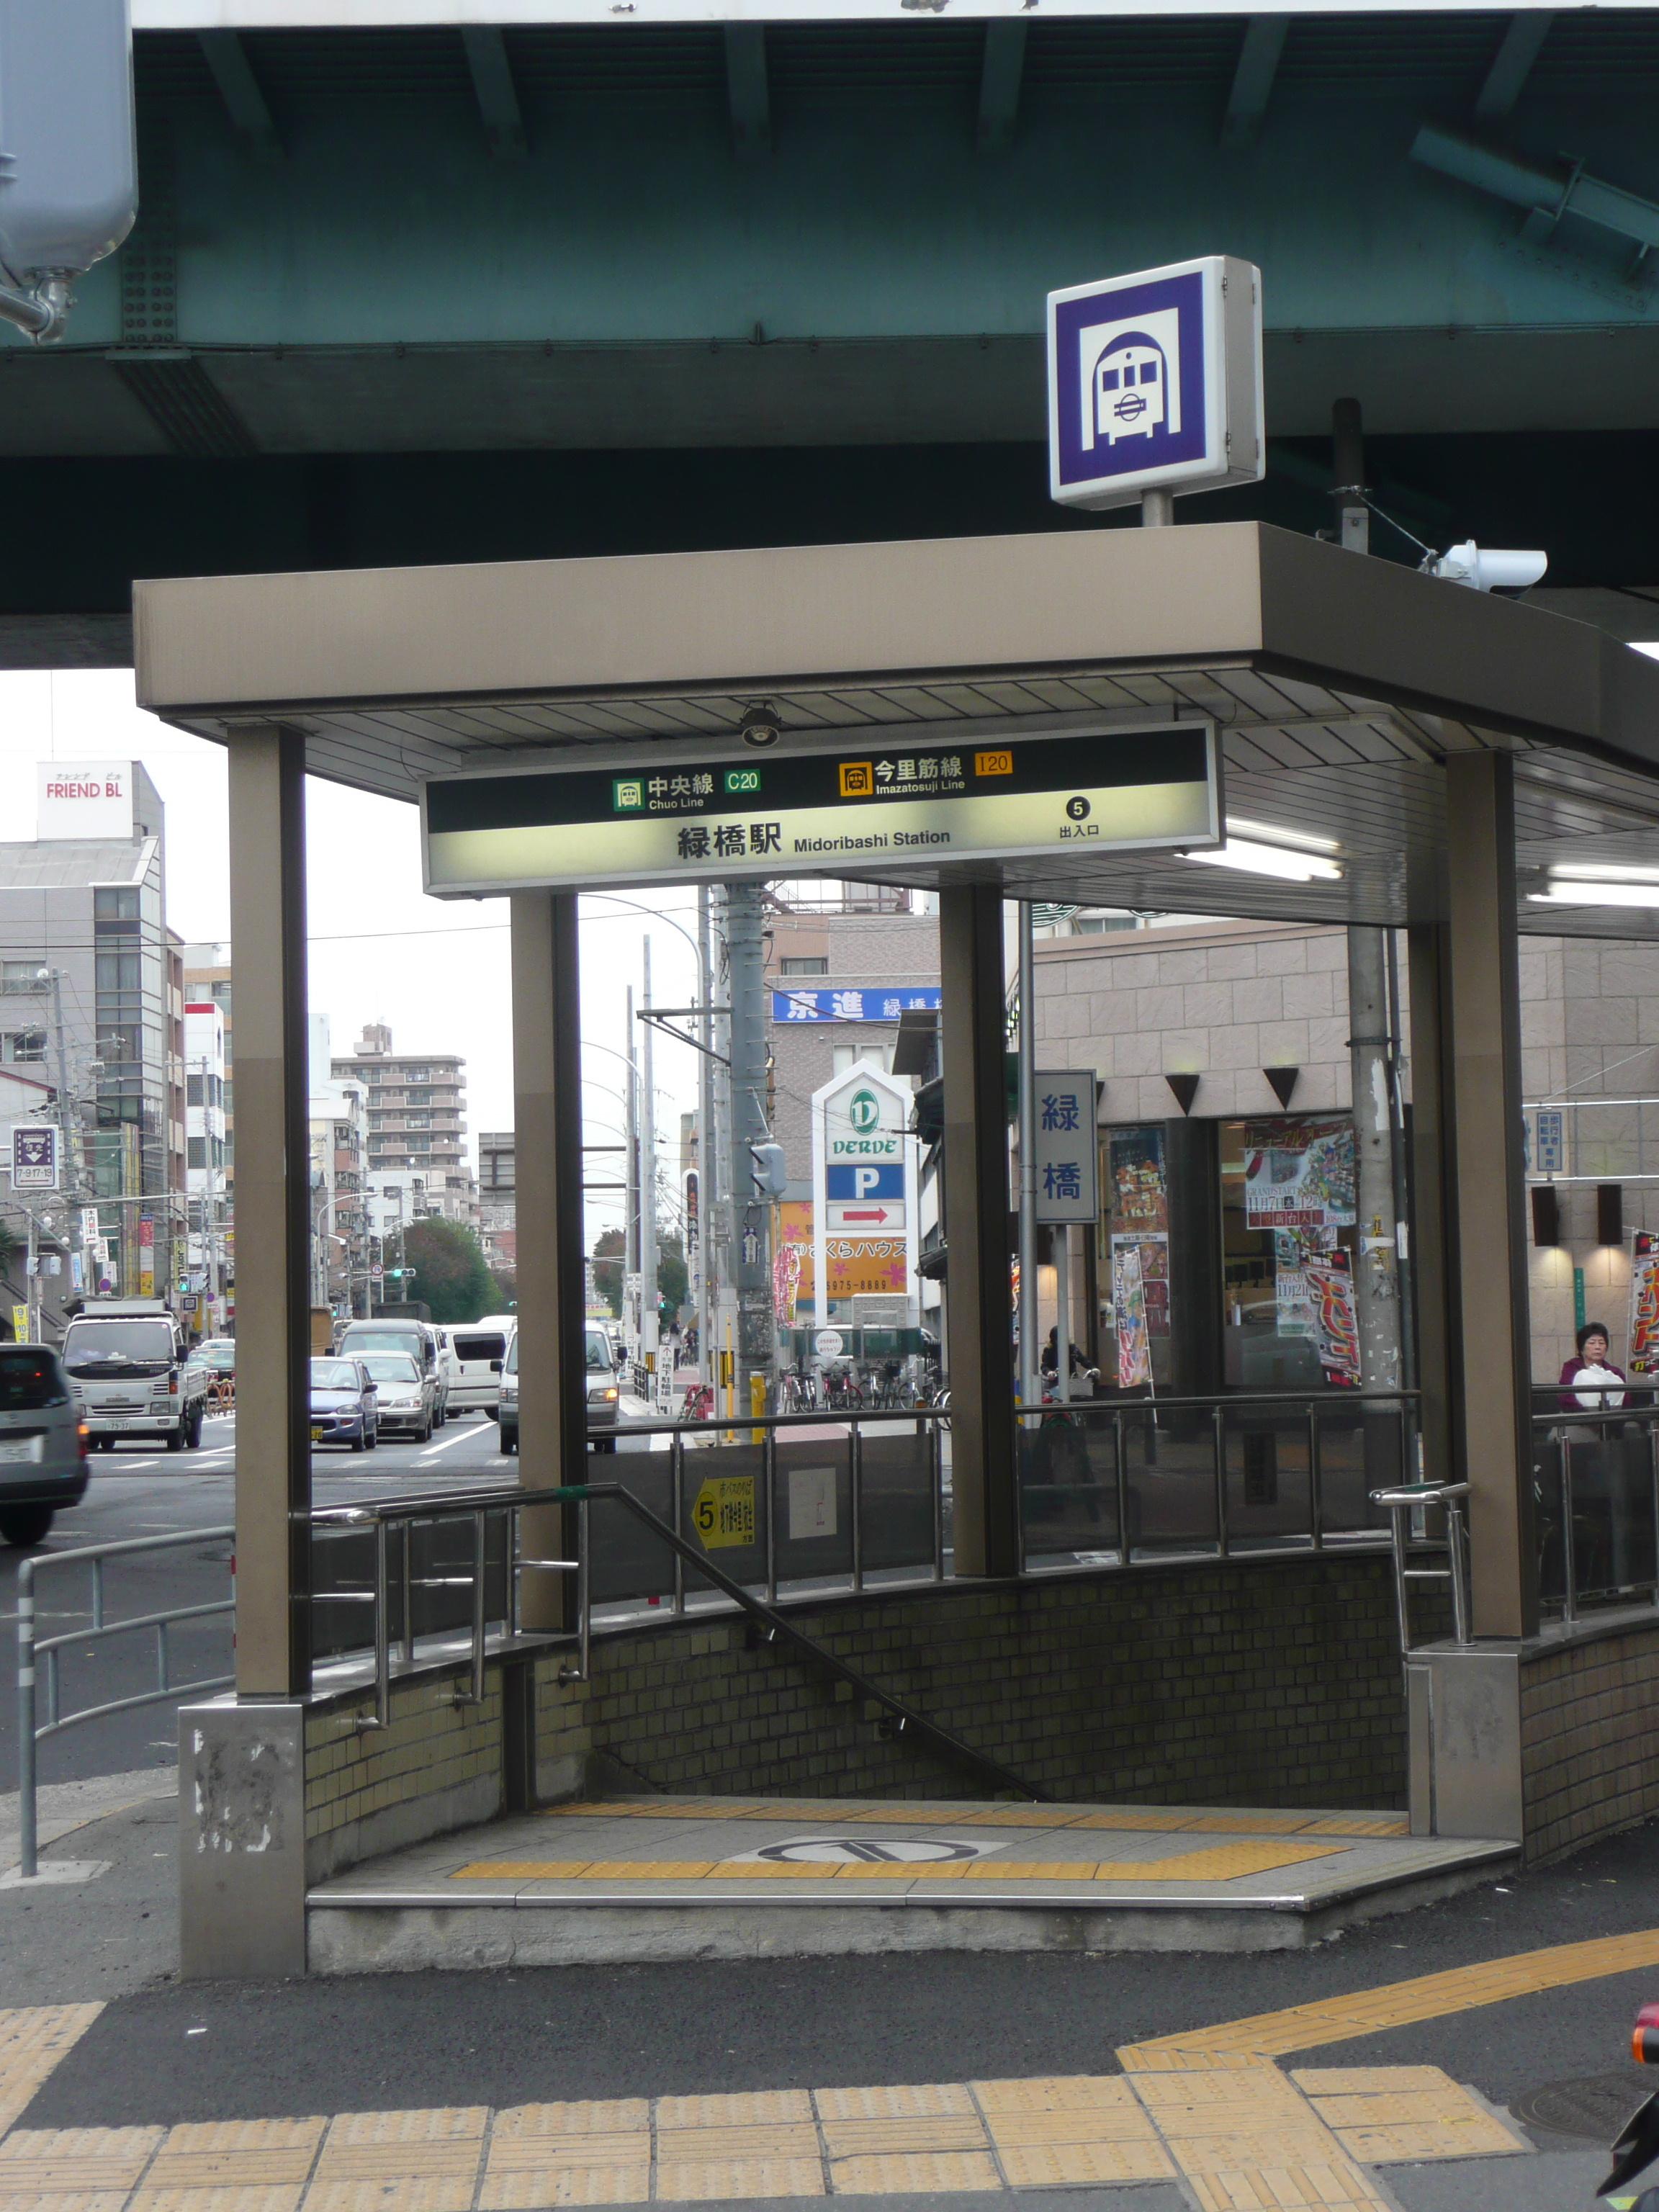 大阪メトロ緑橋駅